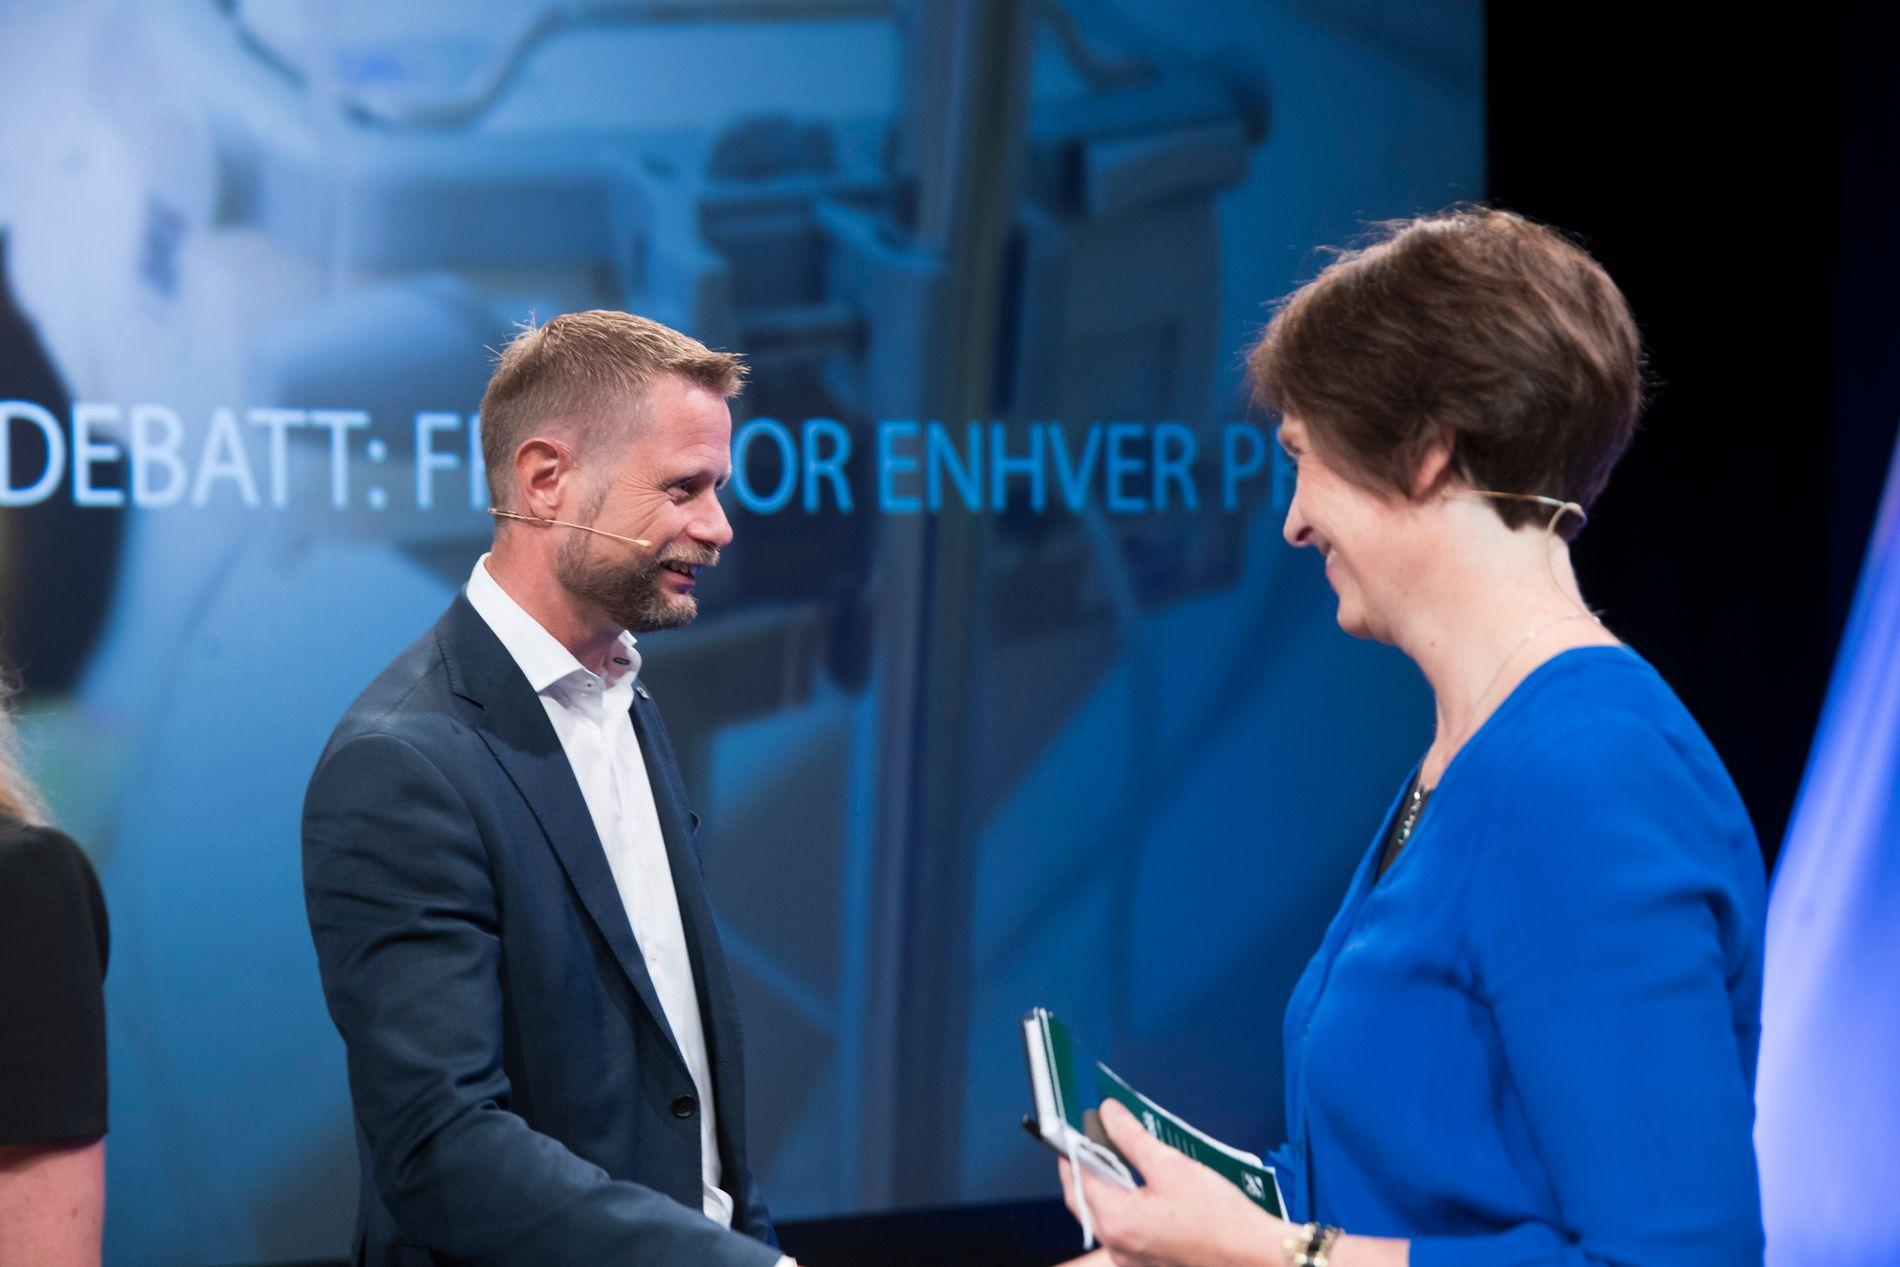 UENIGE: Mens helseminister Bent Høie (H) har lenge forsvart hemmeligholdet av medisinprisene, til Kjersti Toppes (Sp) frustrasjon.